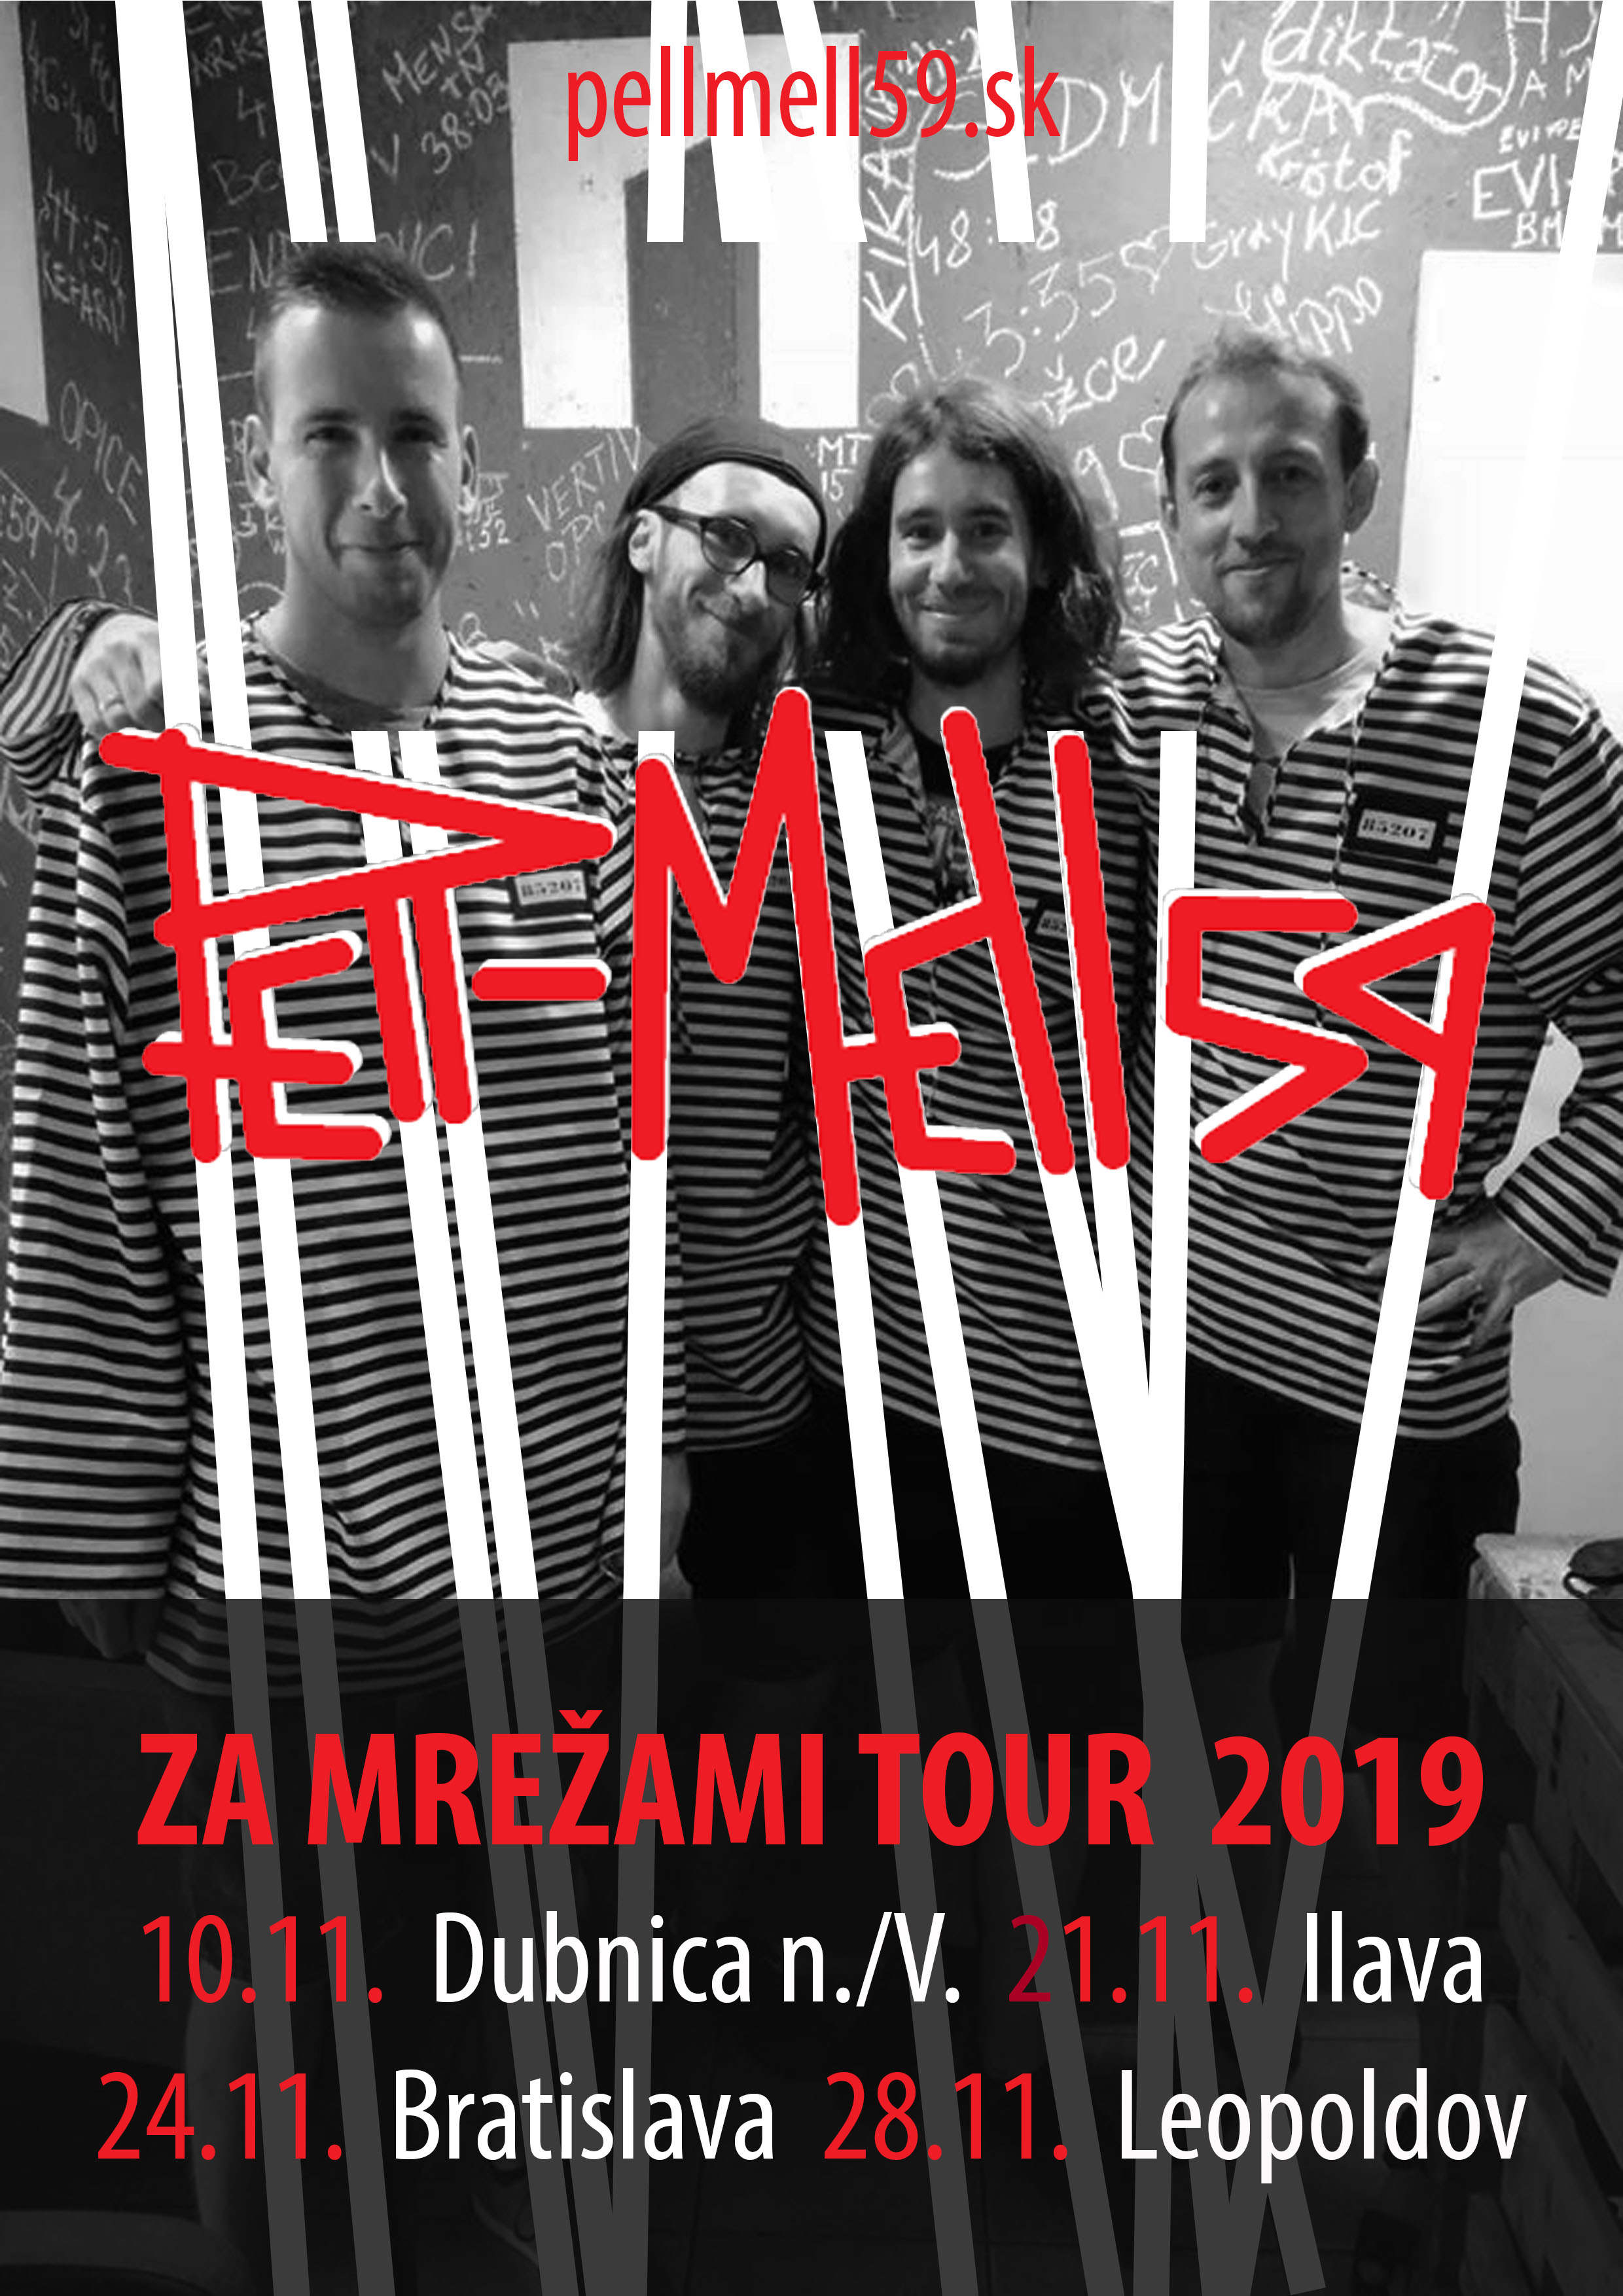 a4 za mrežami tour 2019